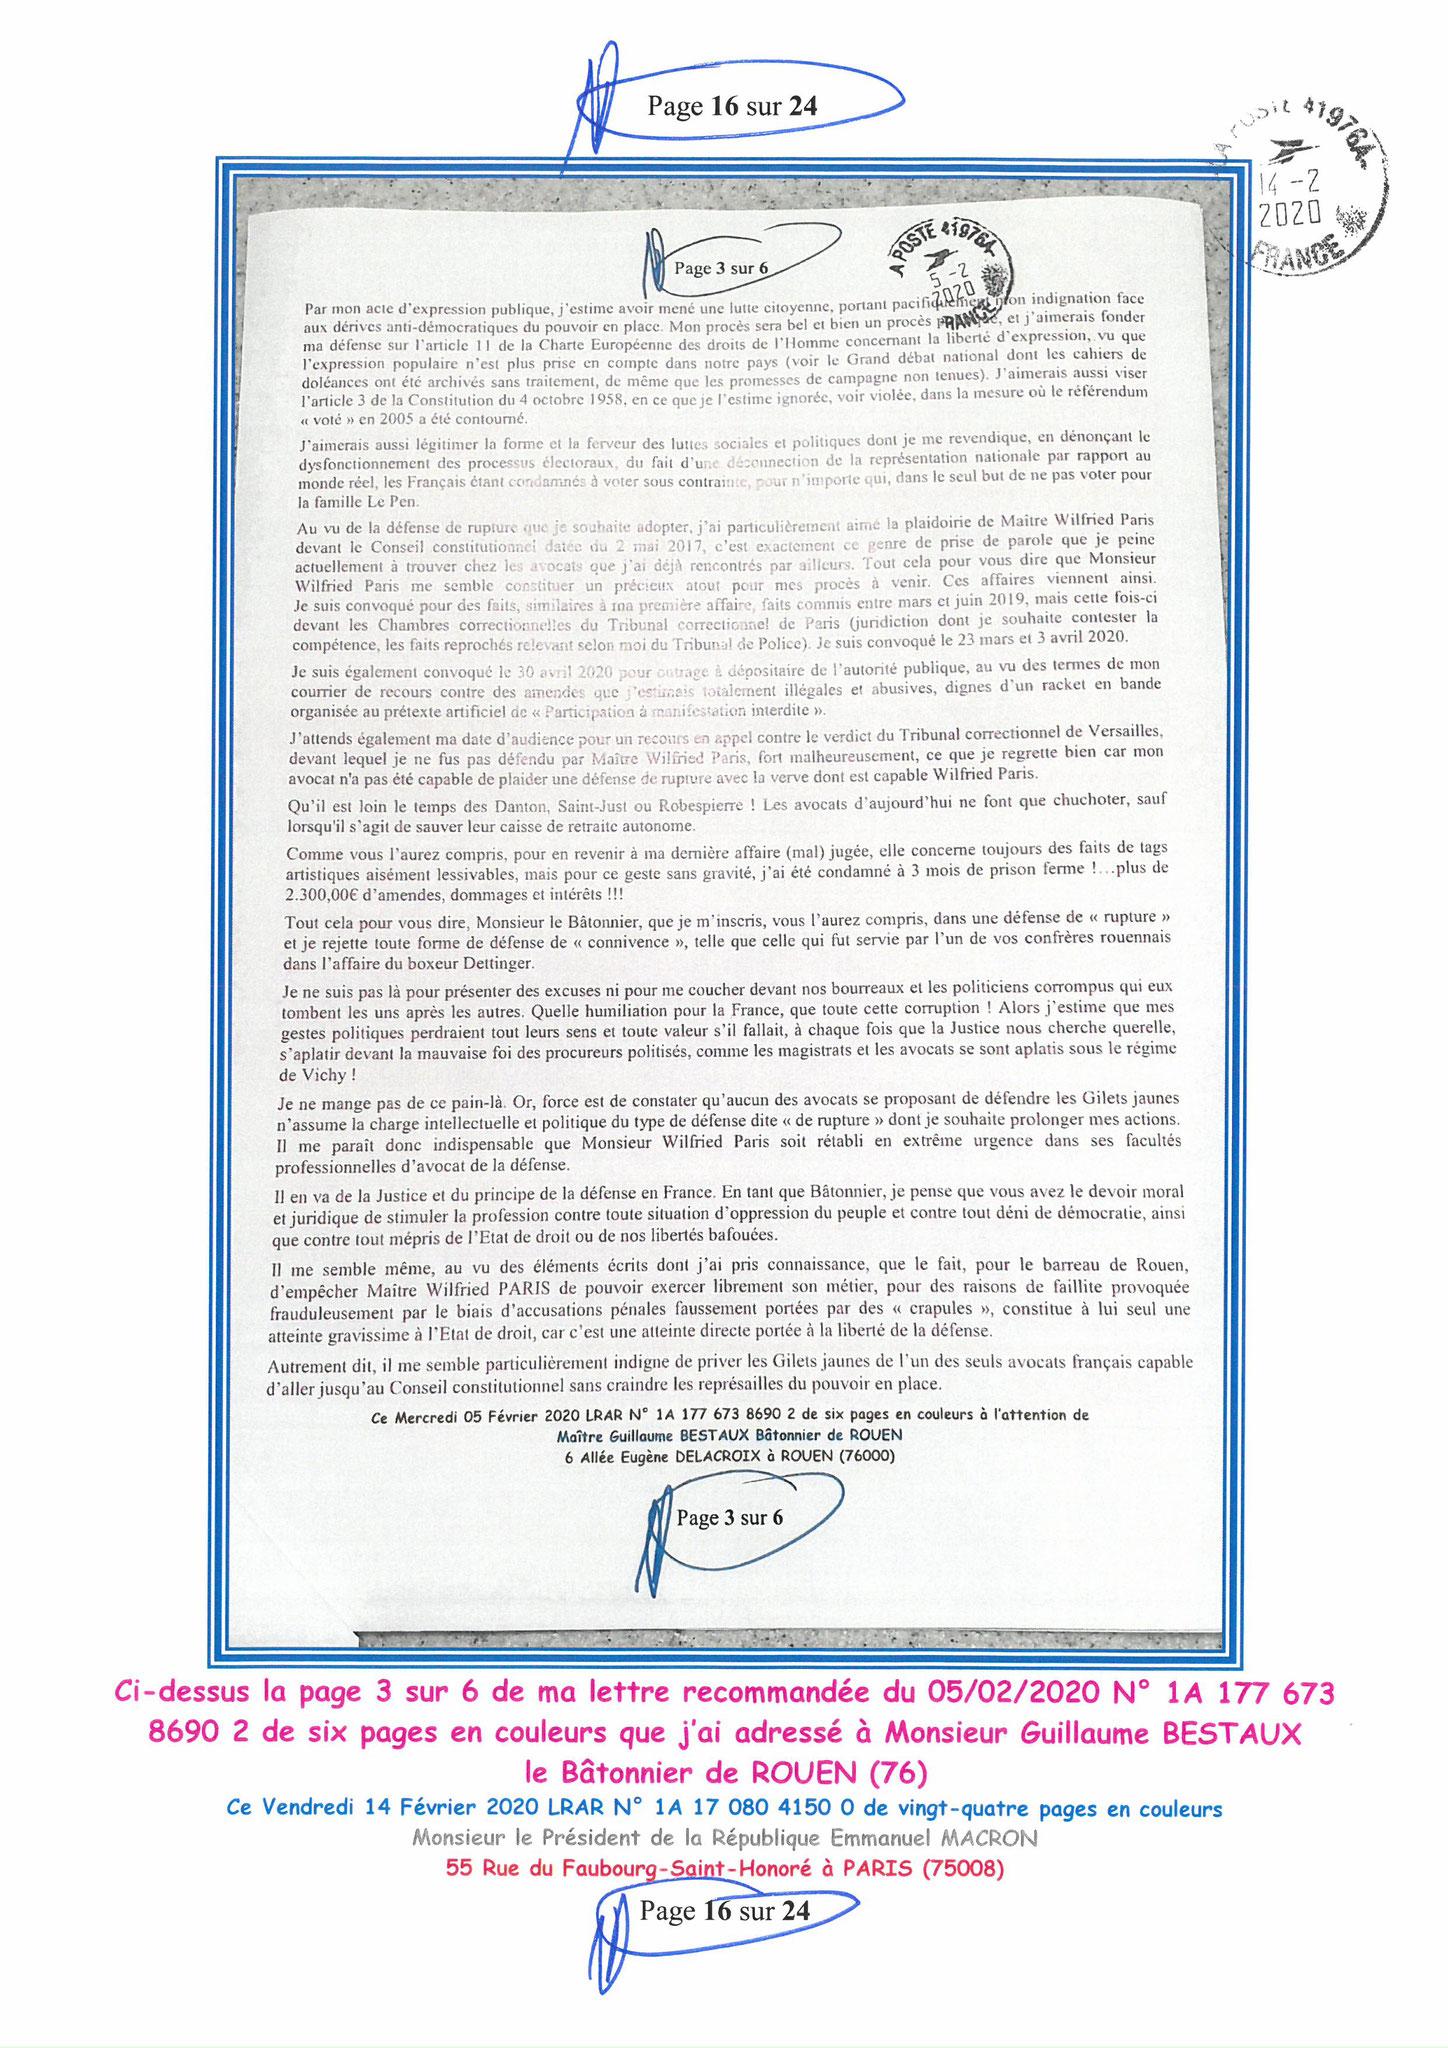 Ma lettre recommandée du 14 Février 2020 N° 1A 178 082 4150 0  page 16 sur 24 en couleur que j'ai adressé à Monsieur Emmanuel MACRON le Président de la République www.jesuispatrick.fr www.jesuisvictime.fr www.alerte-rouge-france.fr